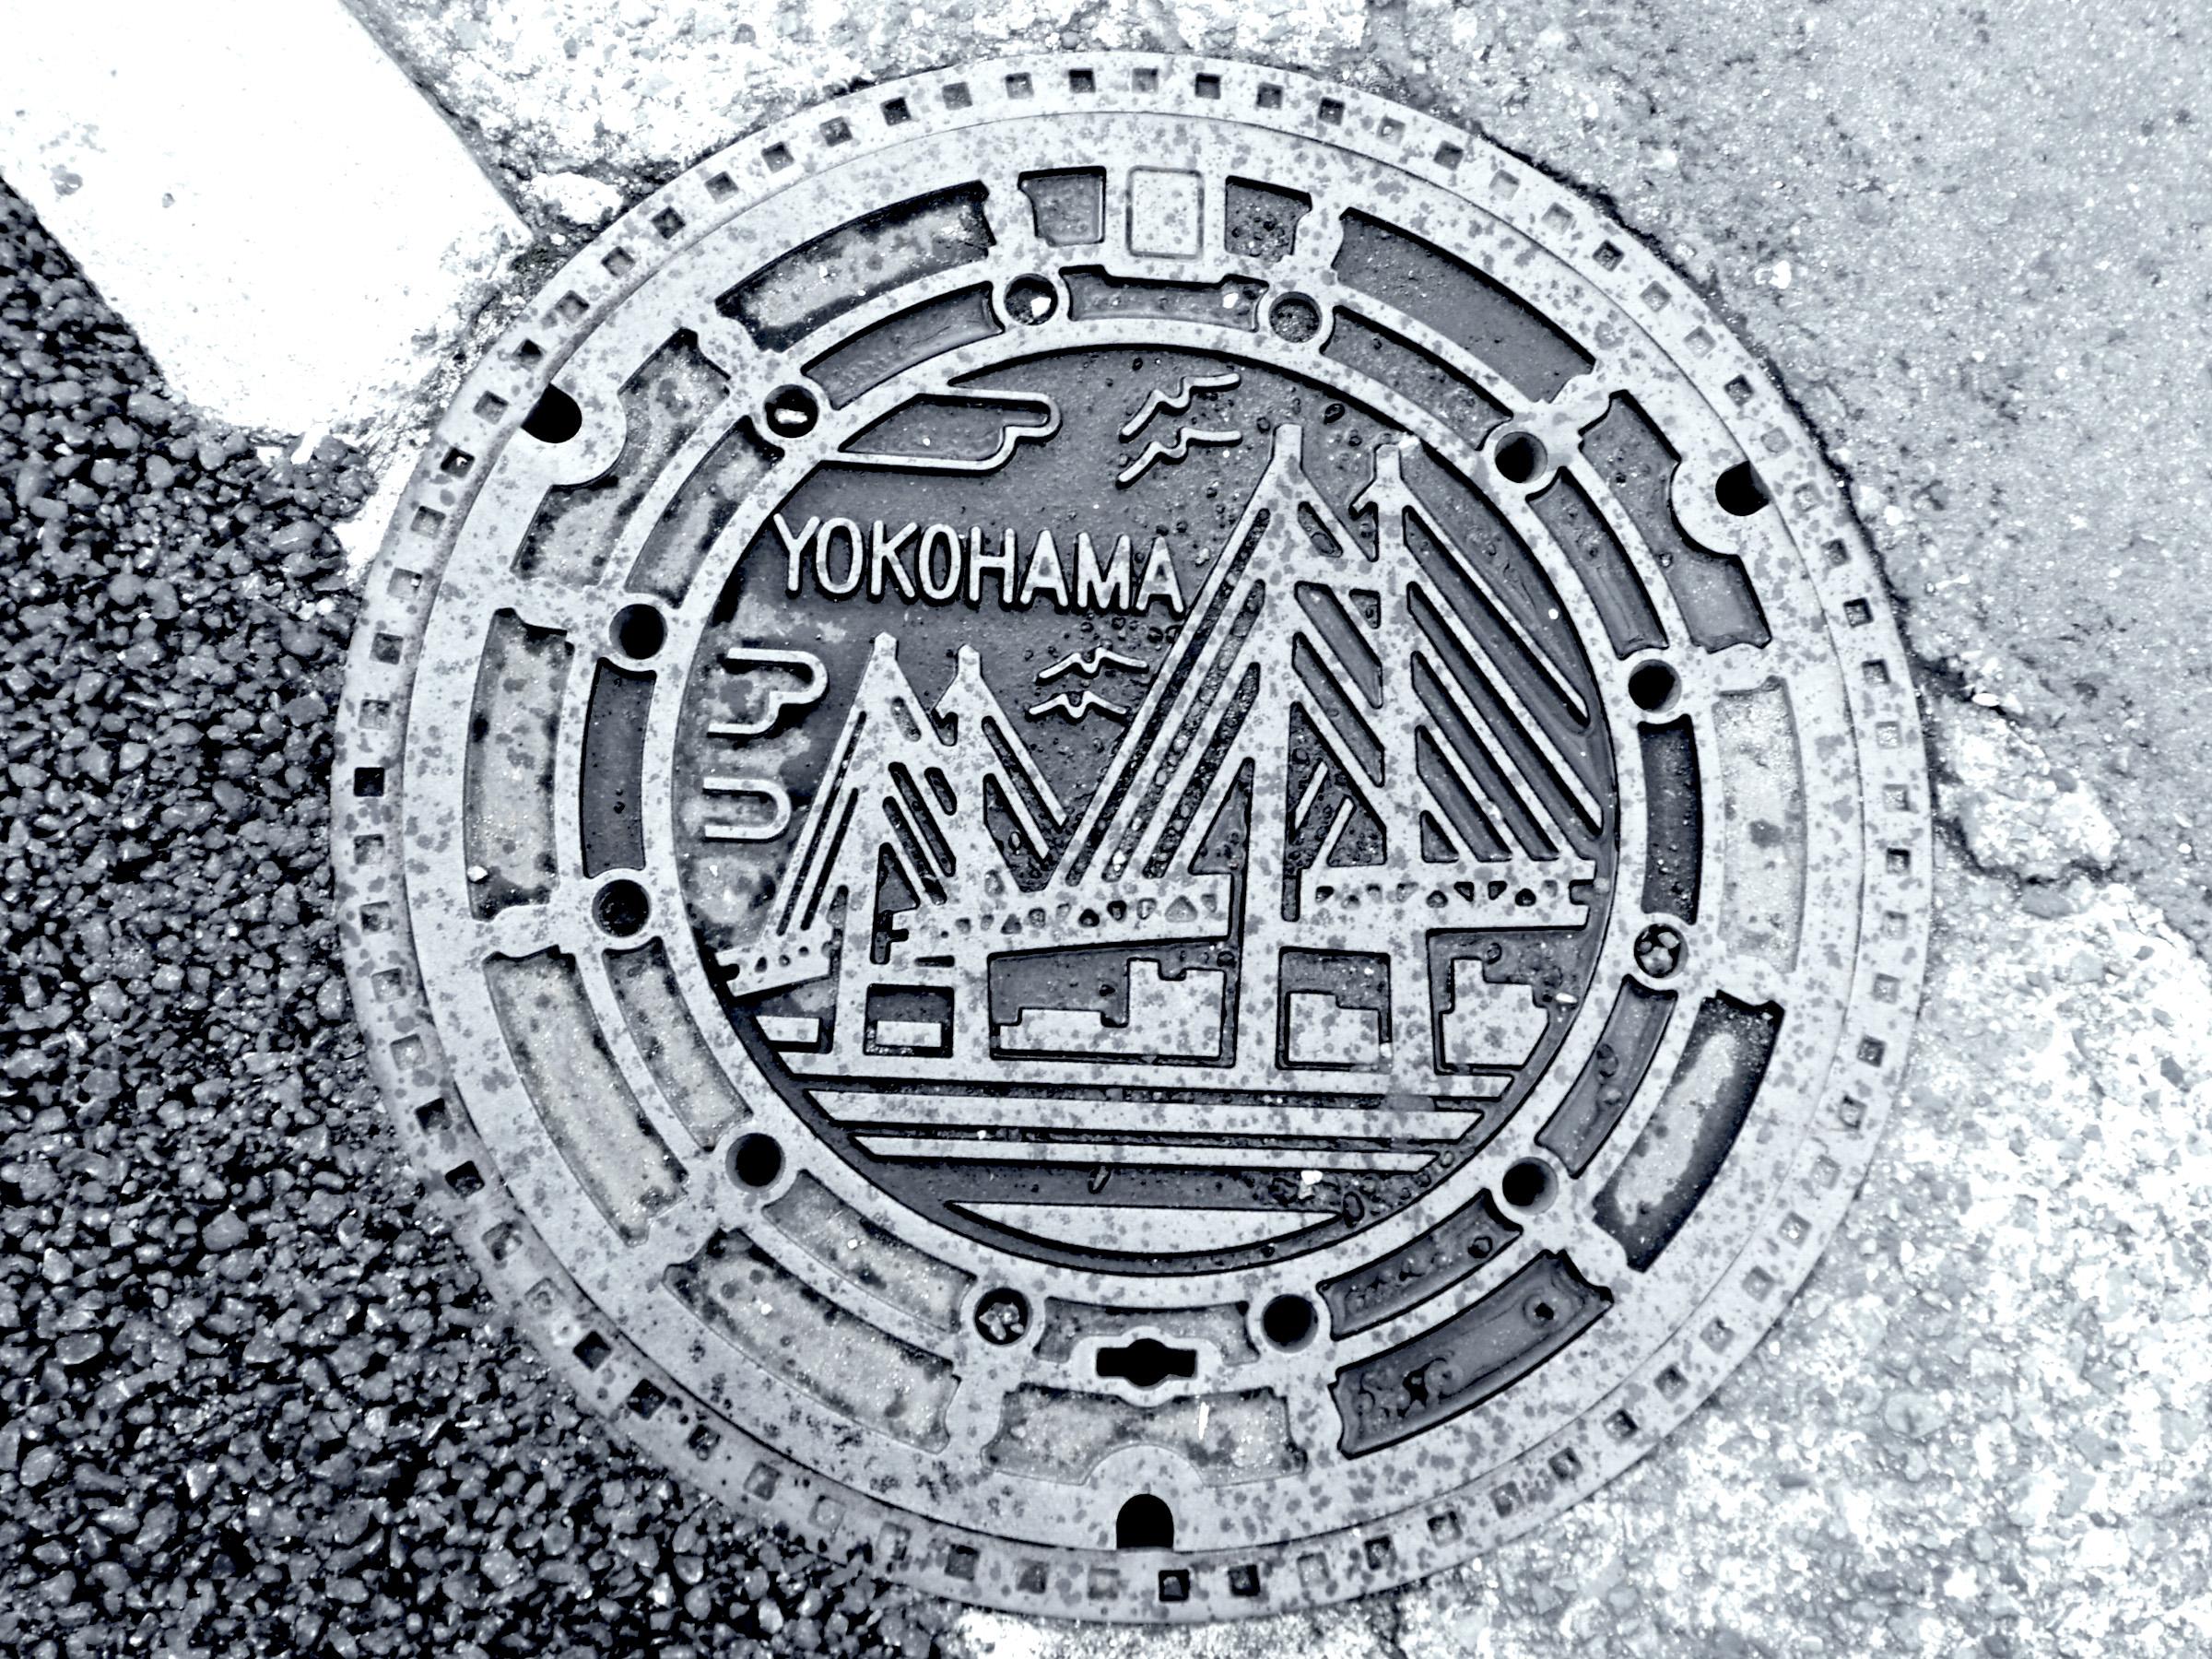 Plaque vue à Yokohama où figure un pont